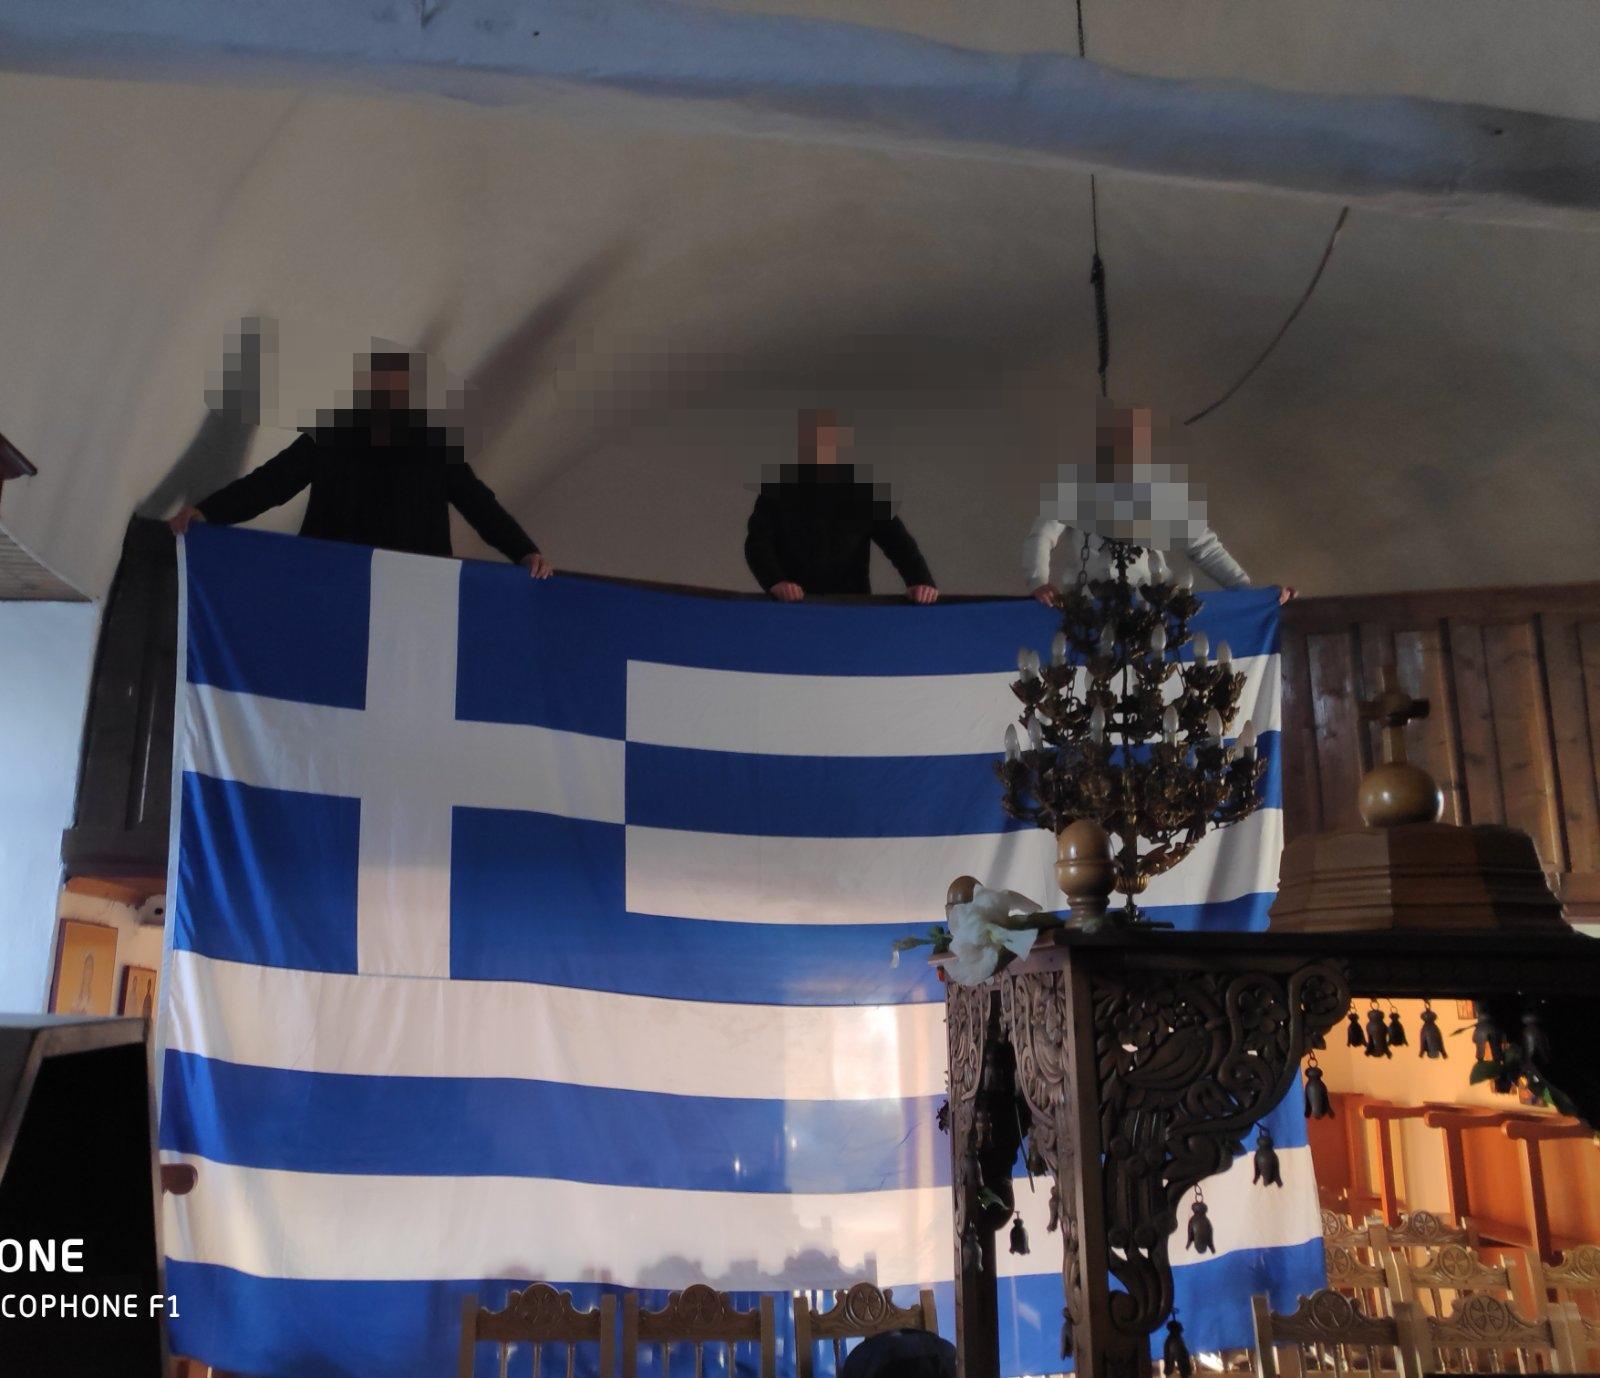 Αλεξανδρούπολη: Άνοιξαν εκκλησίες και ύψωσαν σημαίες